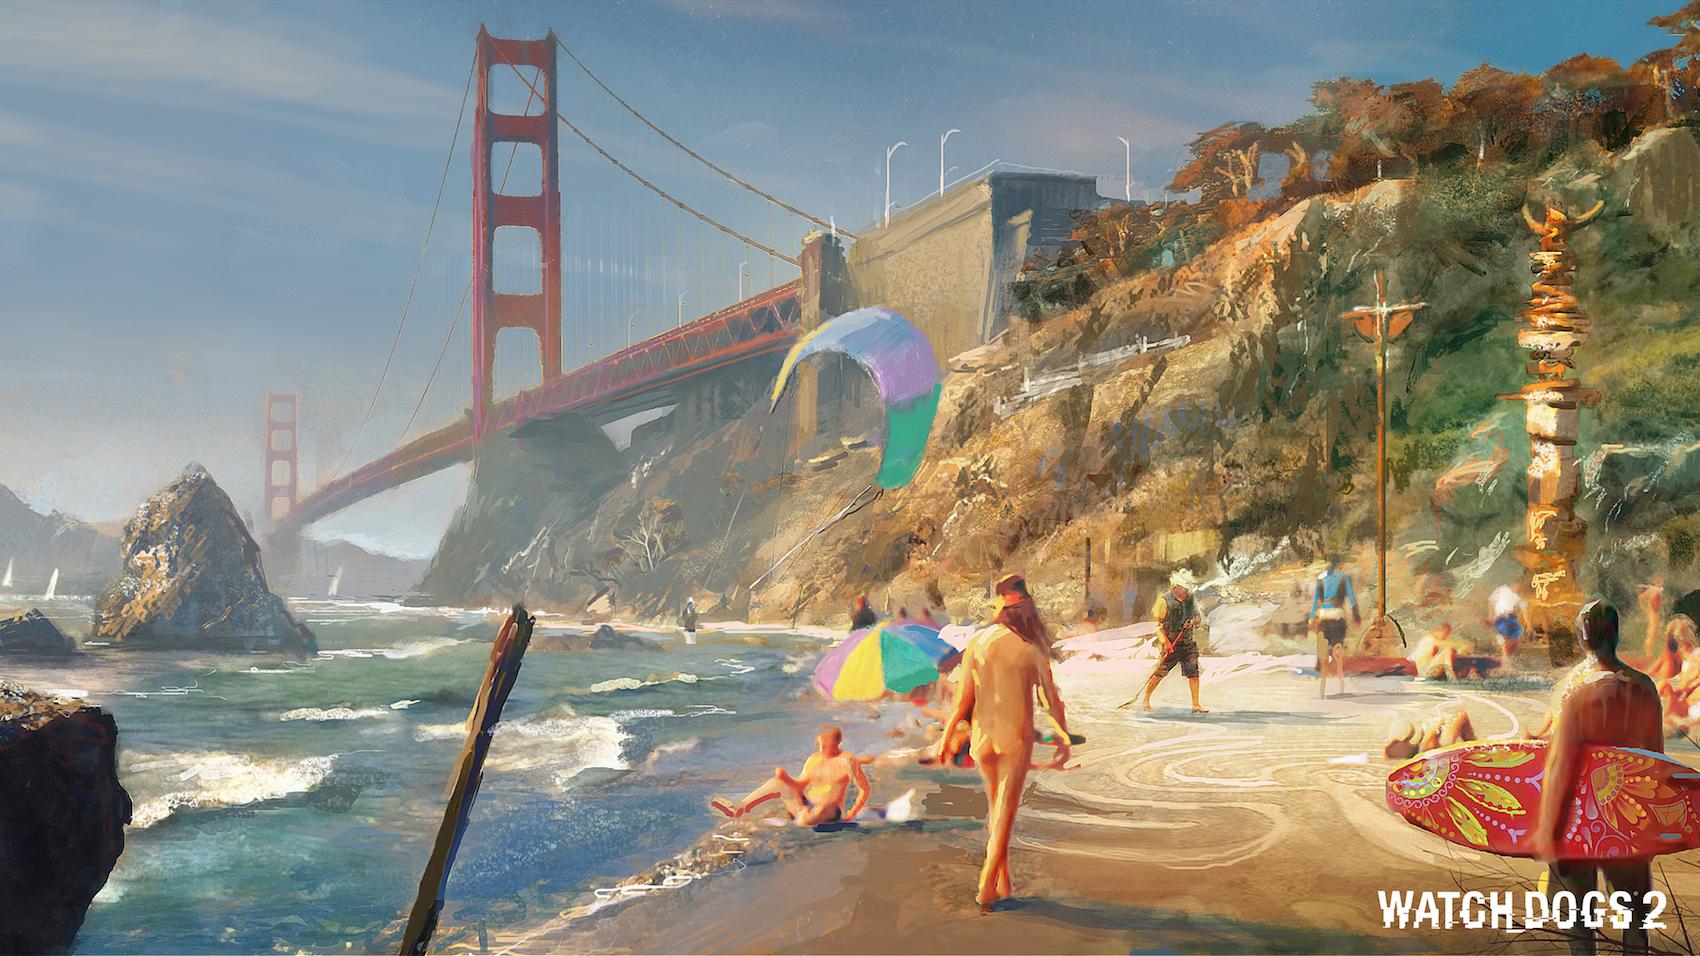 Watch Dogs 2: Baker Beach concept art